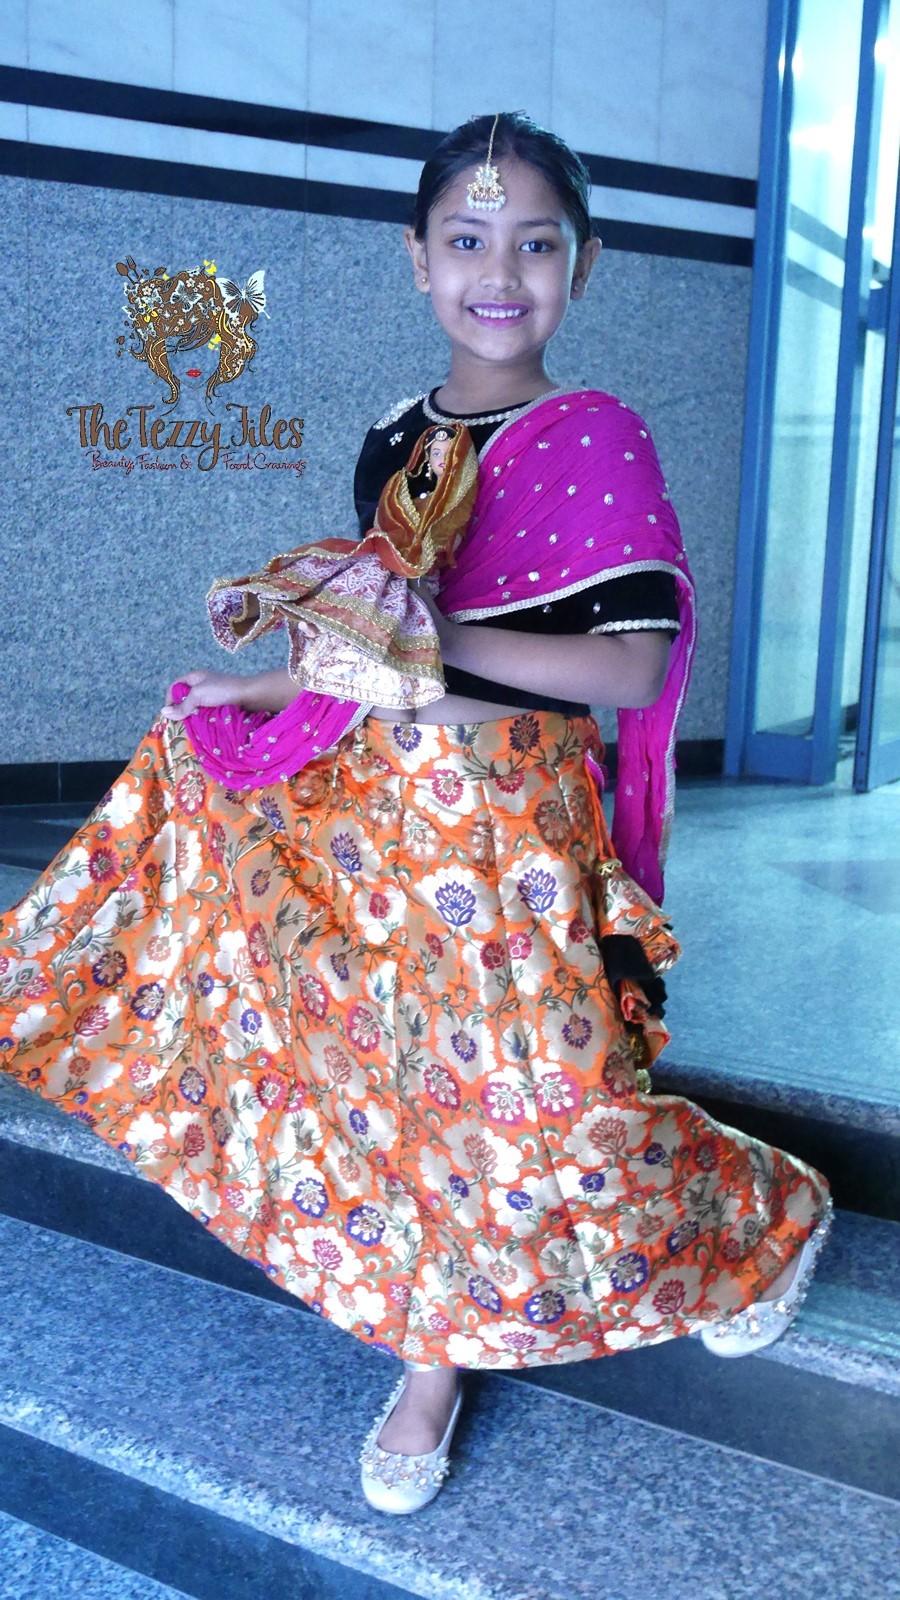 fayon-kids-indian-childrens-fashion-ethnic-lehenga-ghagra-child-mummy-blogger-indian-blog-fashion-dubai-uae-numaish-barbie-5